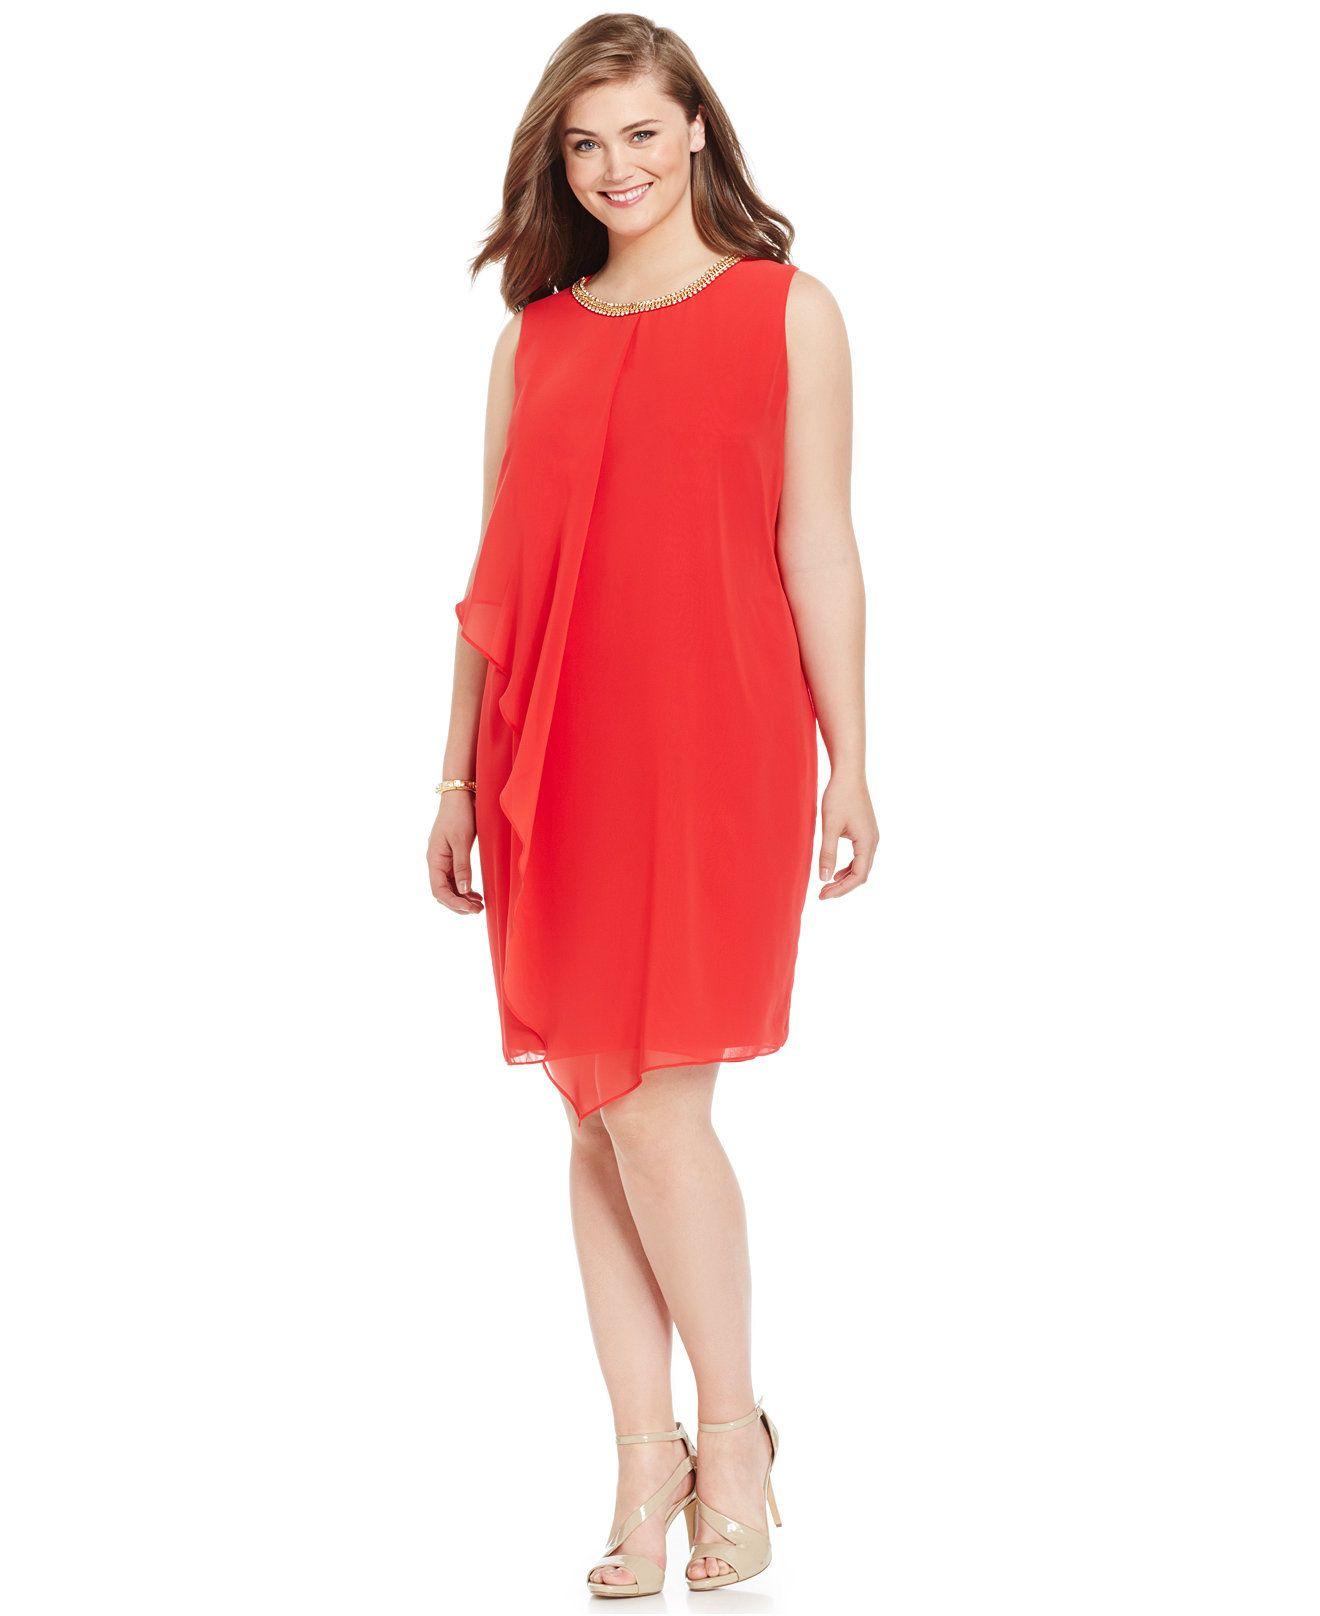 Jbs Limited Plus Size Embellished Shift Dress Dresses